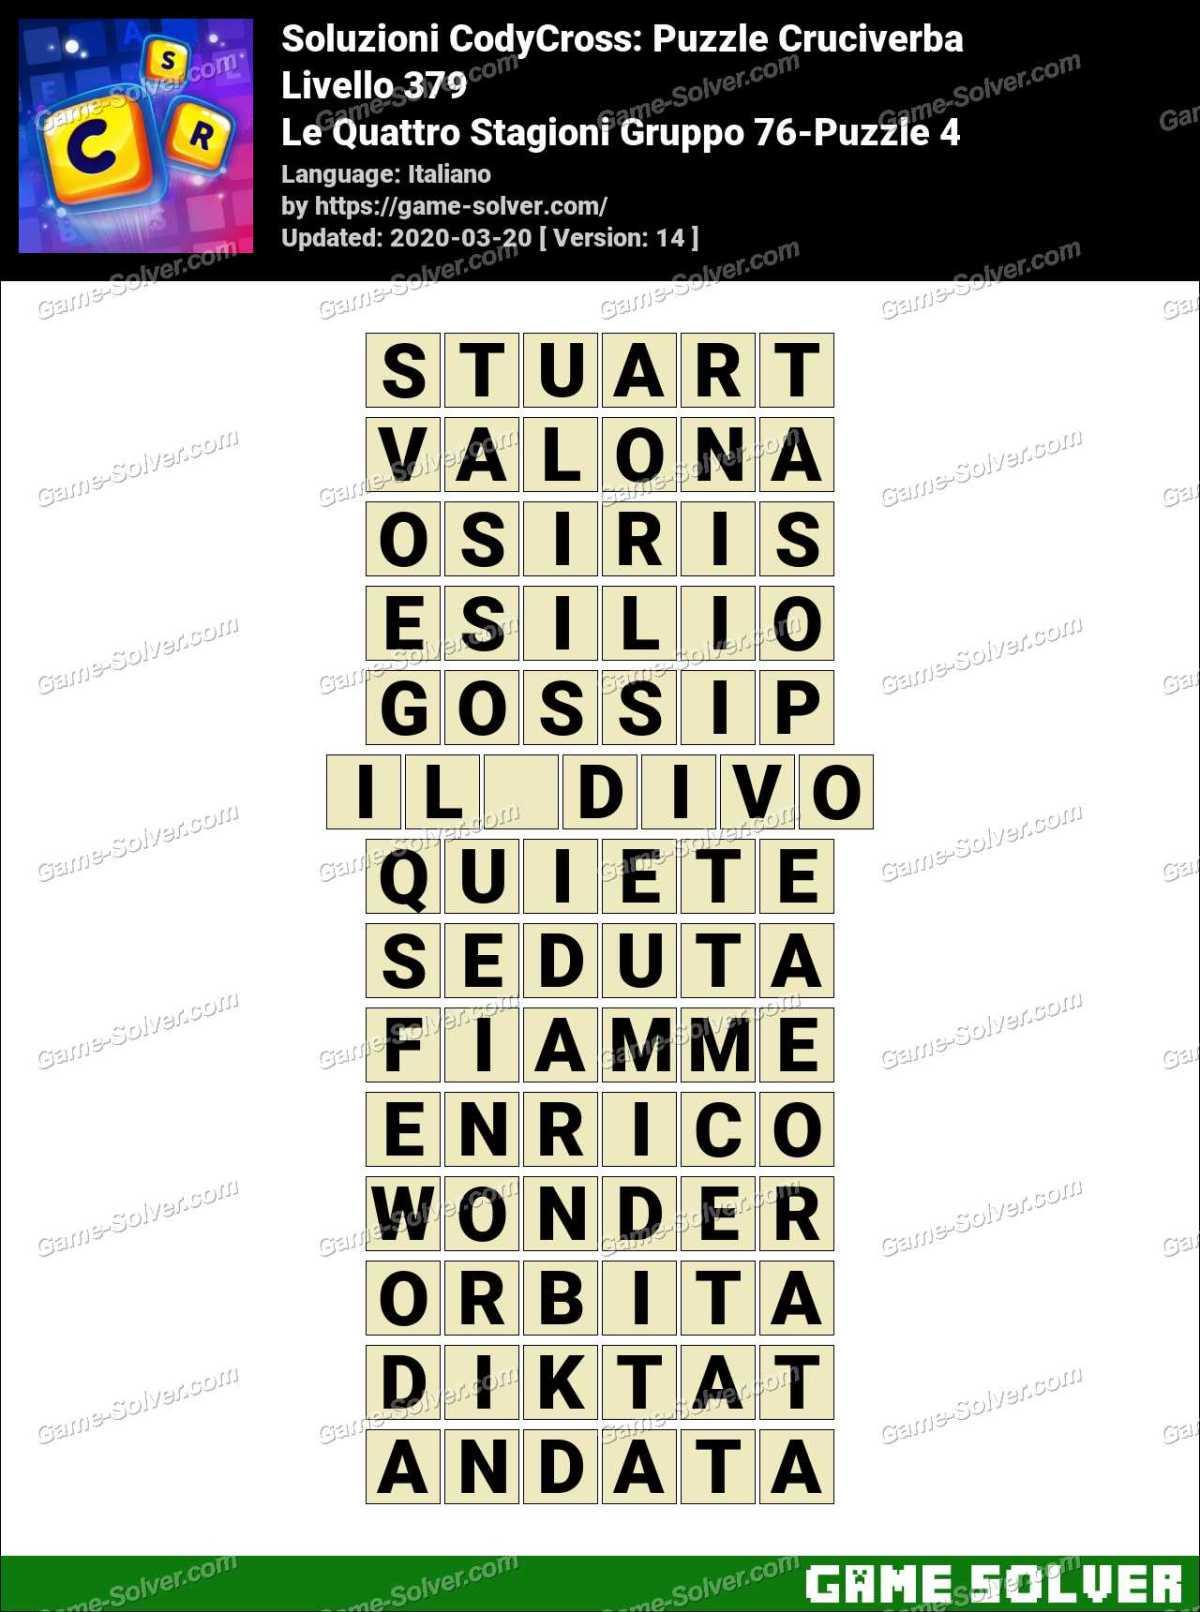 Soluzioni CodyCross Le Quattro Stagioni Gruppo 76-Puzzle 4